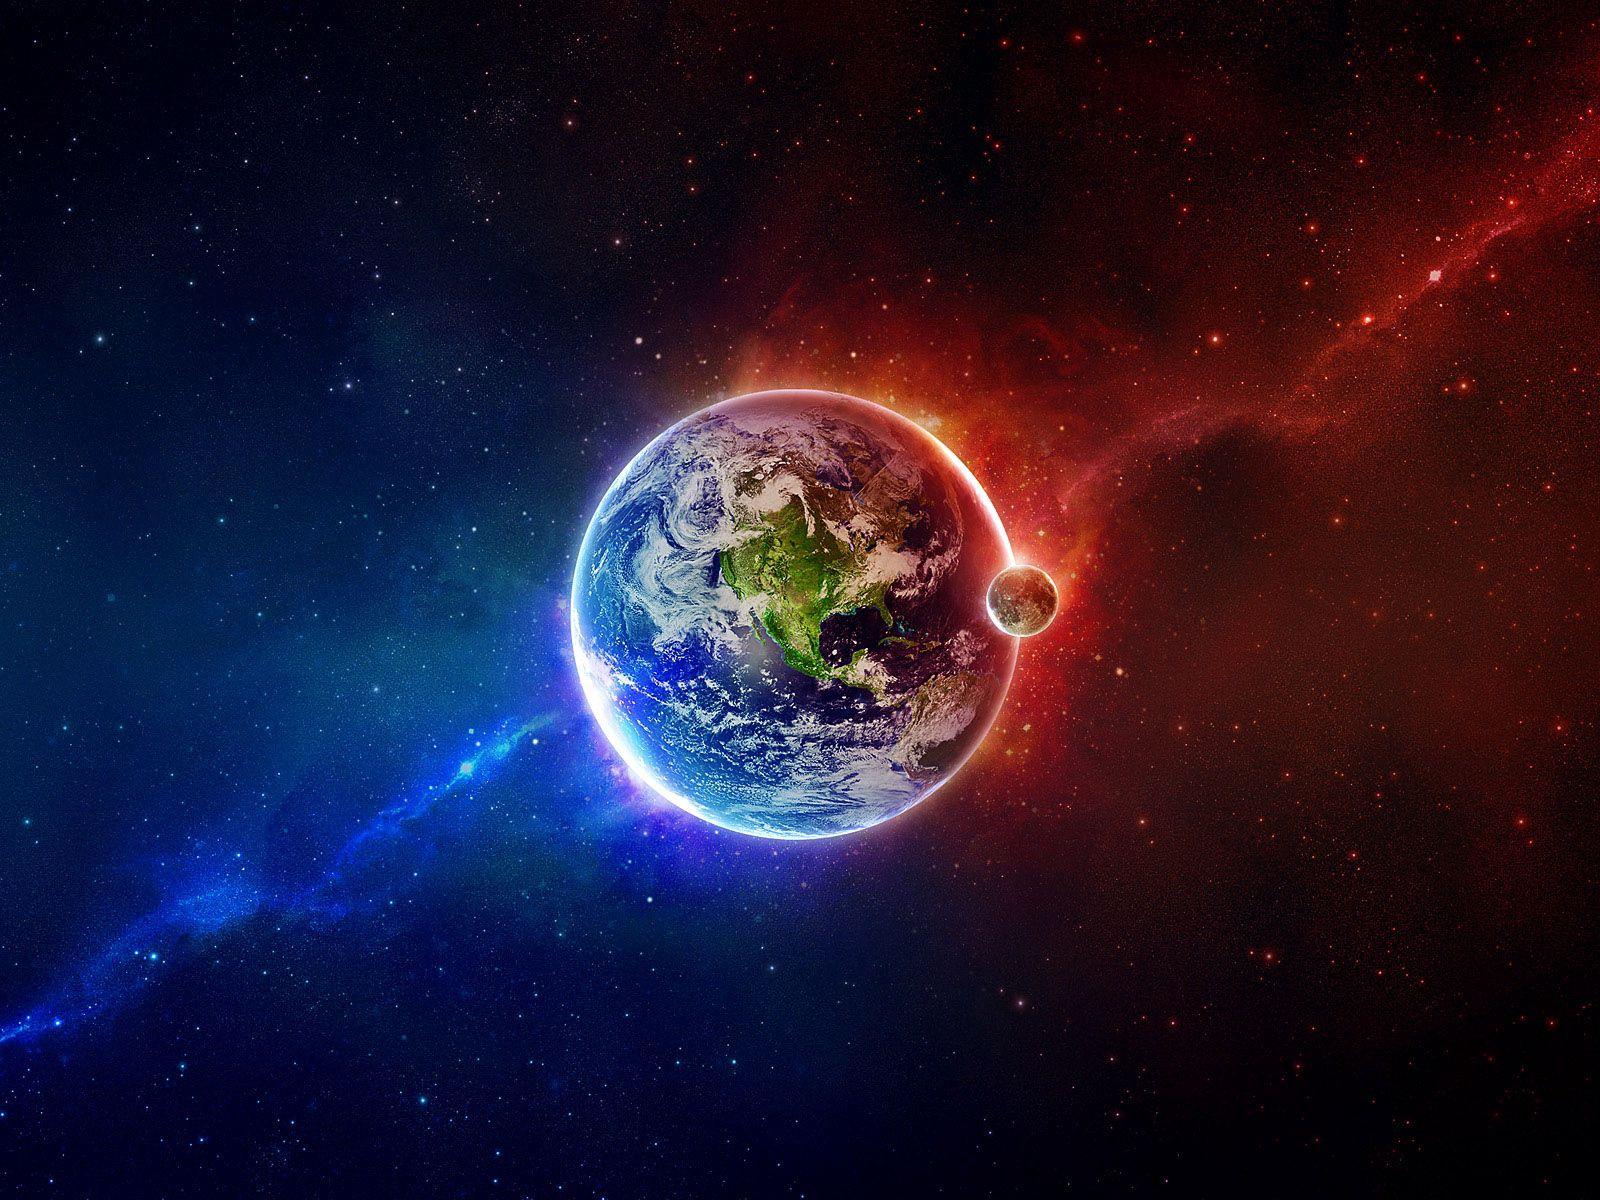 131795 завантажити Помаранчевий шпалери на телефон безкоштовно, Космос, Баланс, Синій, Земля, Оранжевий, Планета, Елементи, Стихії Помаранчевий картинки і заставки на мобільний